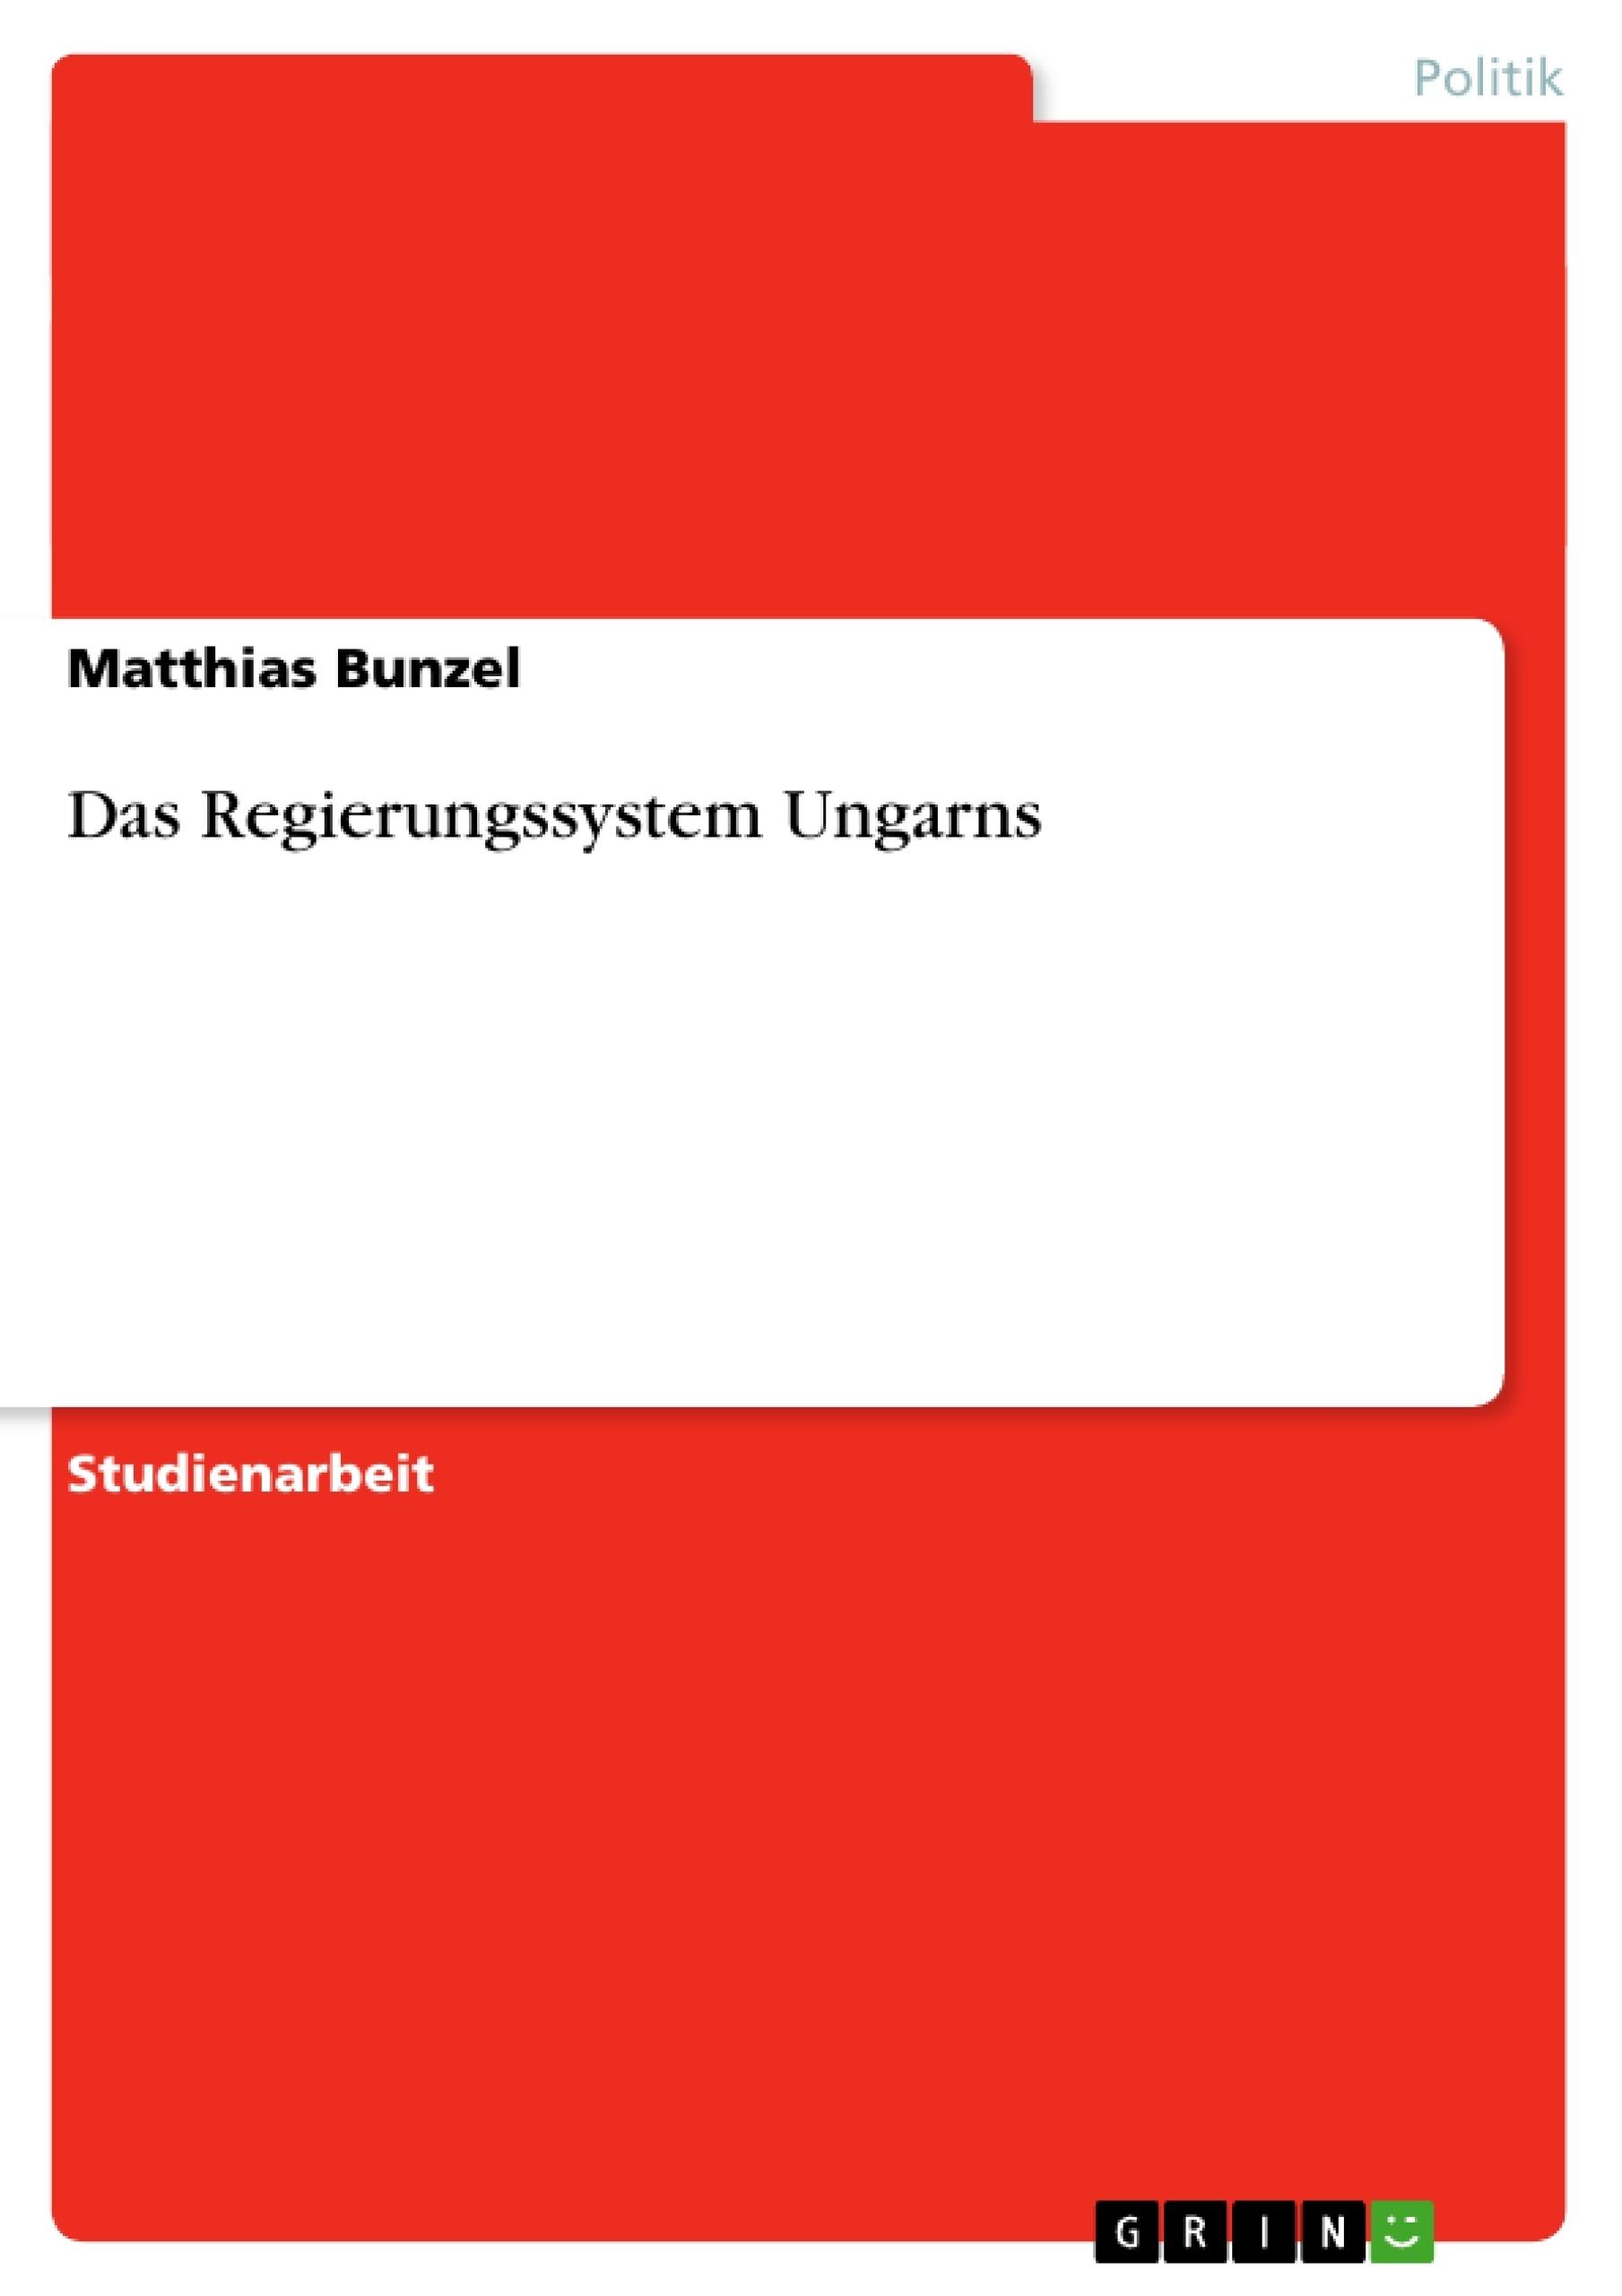 Titel: Das Regierungssystem Ungarns